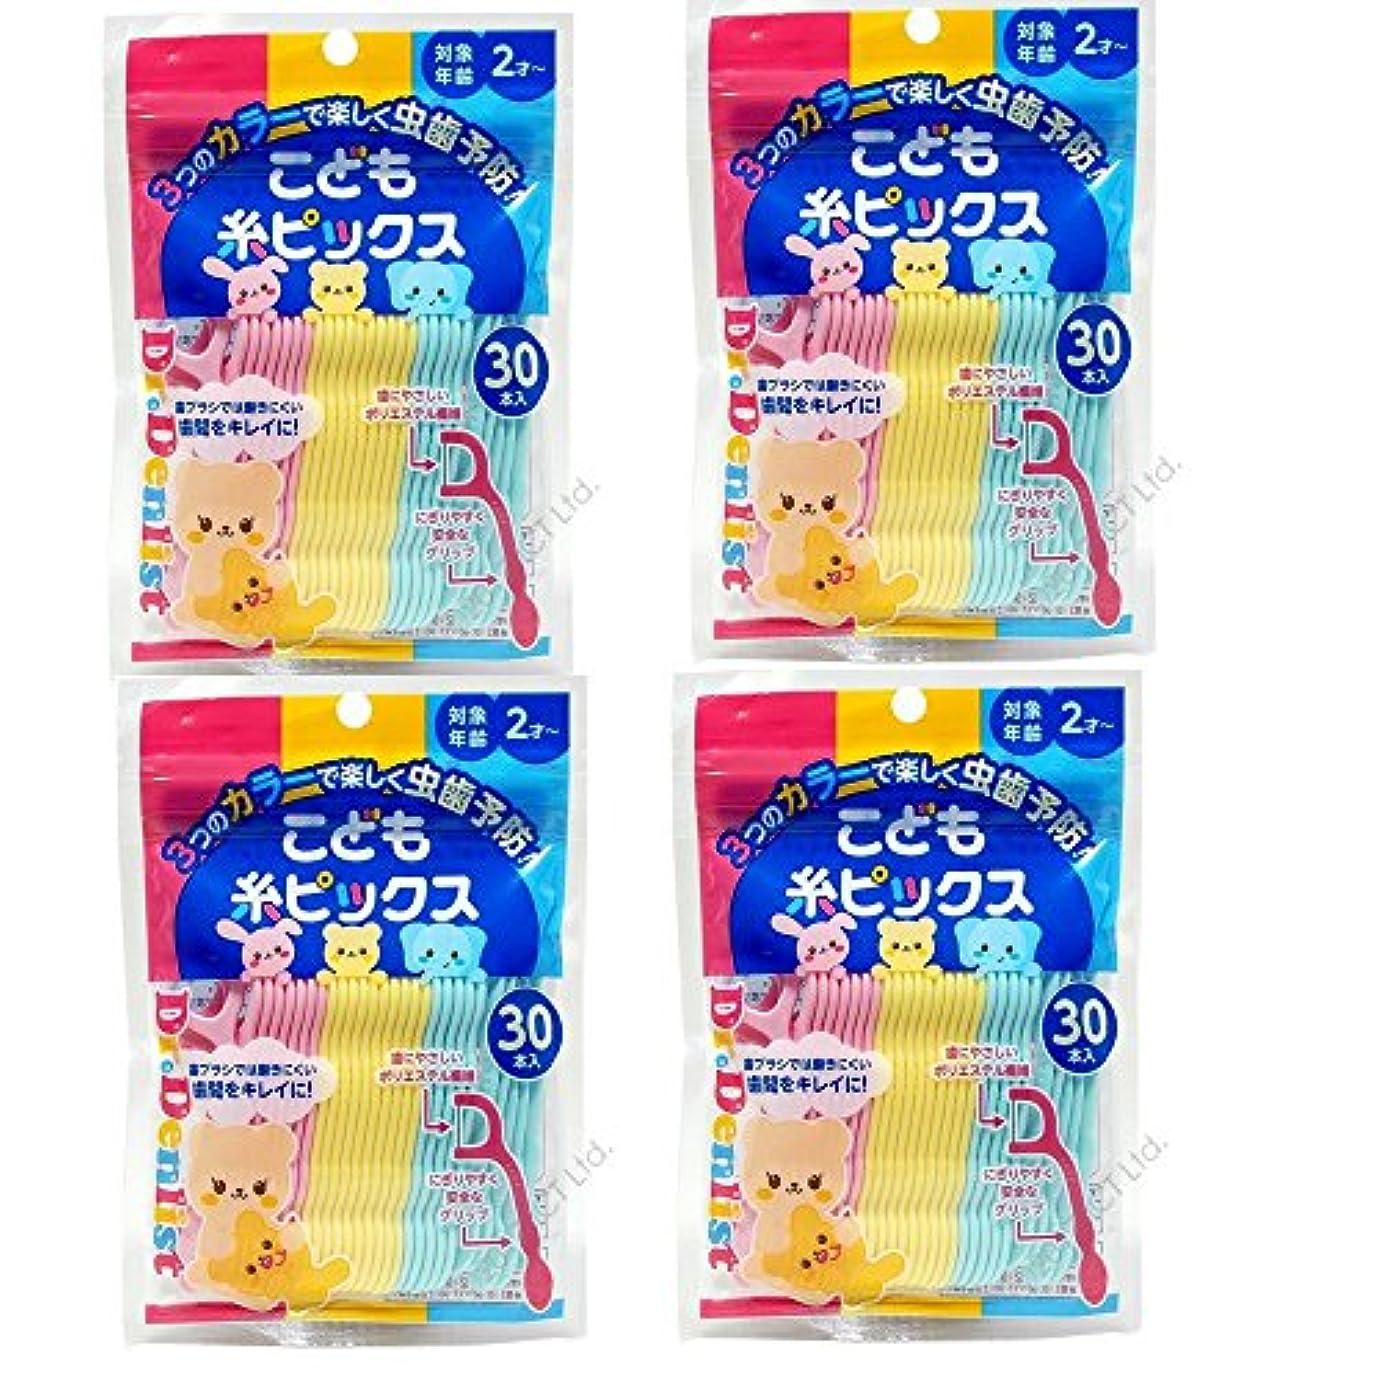 クレーターコールマーベル子供用 歯間フロス30本入×4個(120本)お買い得セット